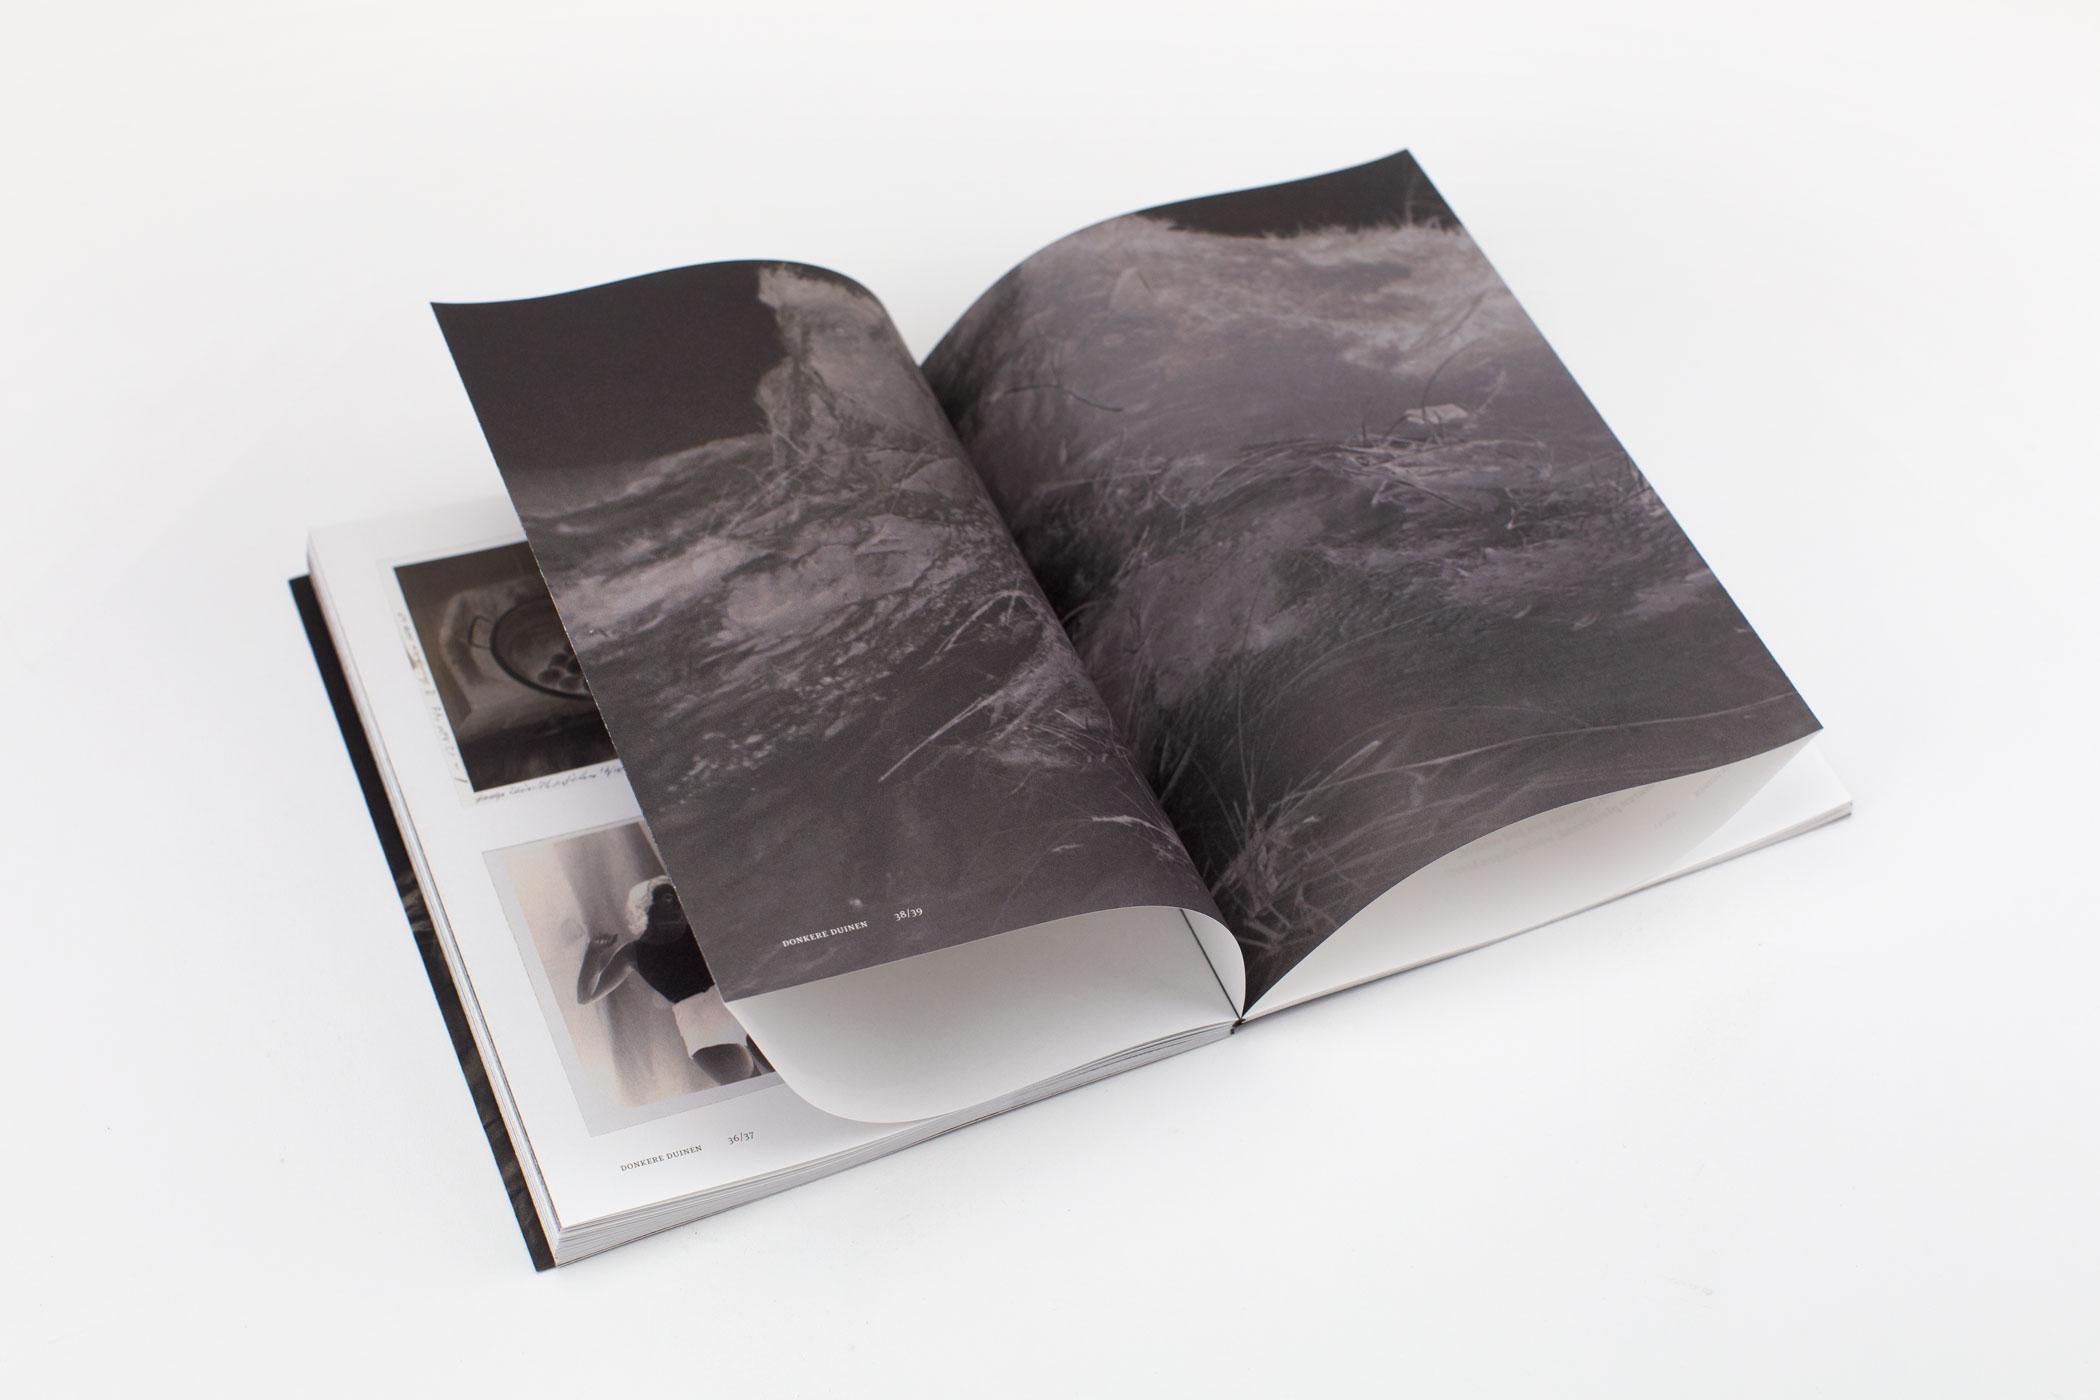 Rein Jelle Terpstra kwam naar De Monsterkamer om een papier uit te zoeken voor het boek Donkere Duinen. Met beelden van een amateurfotograaf.